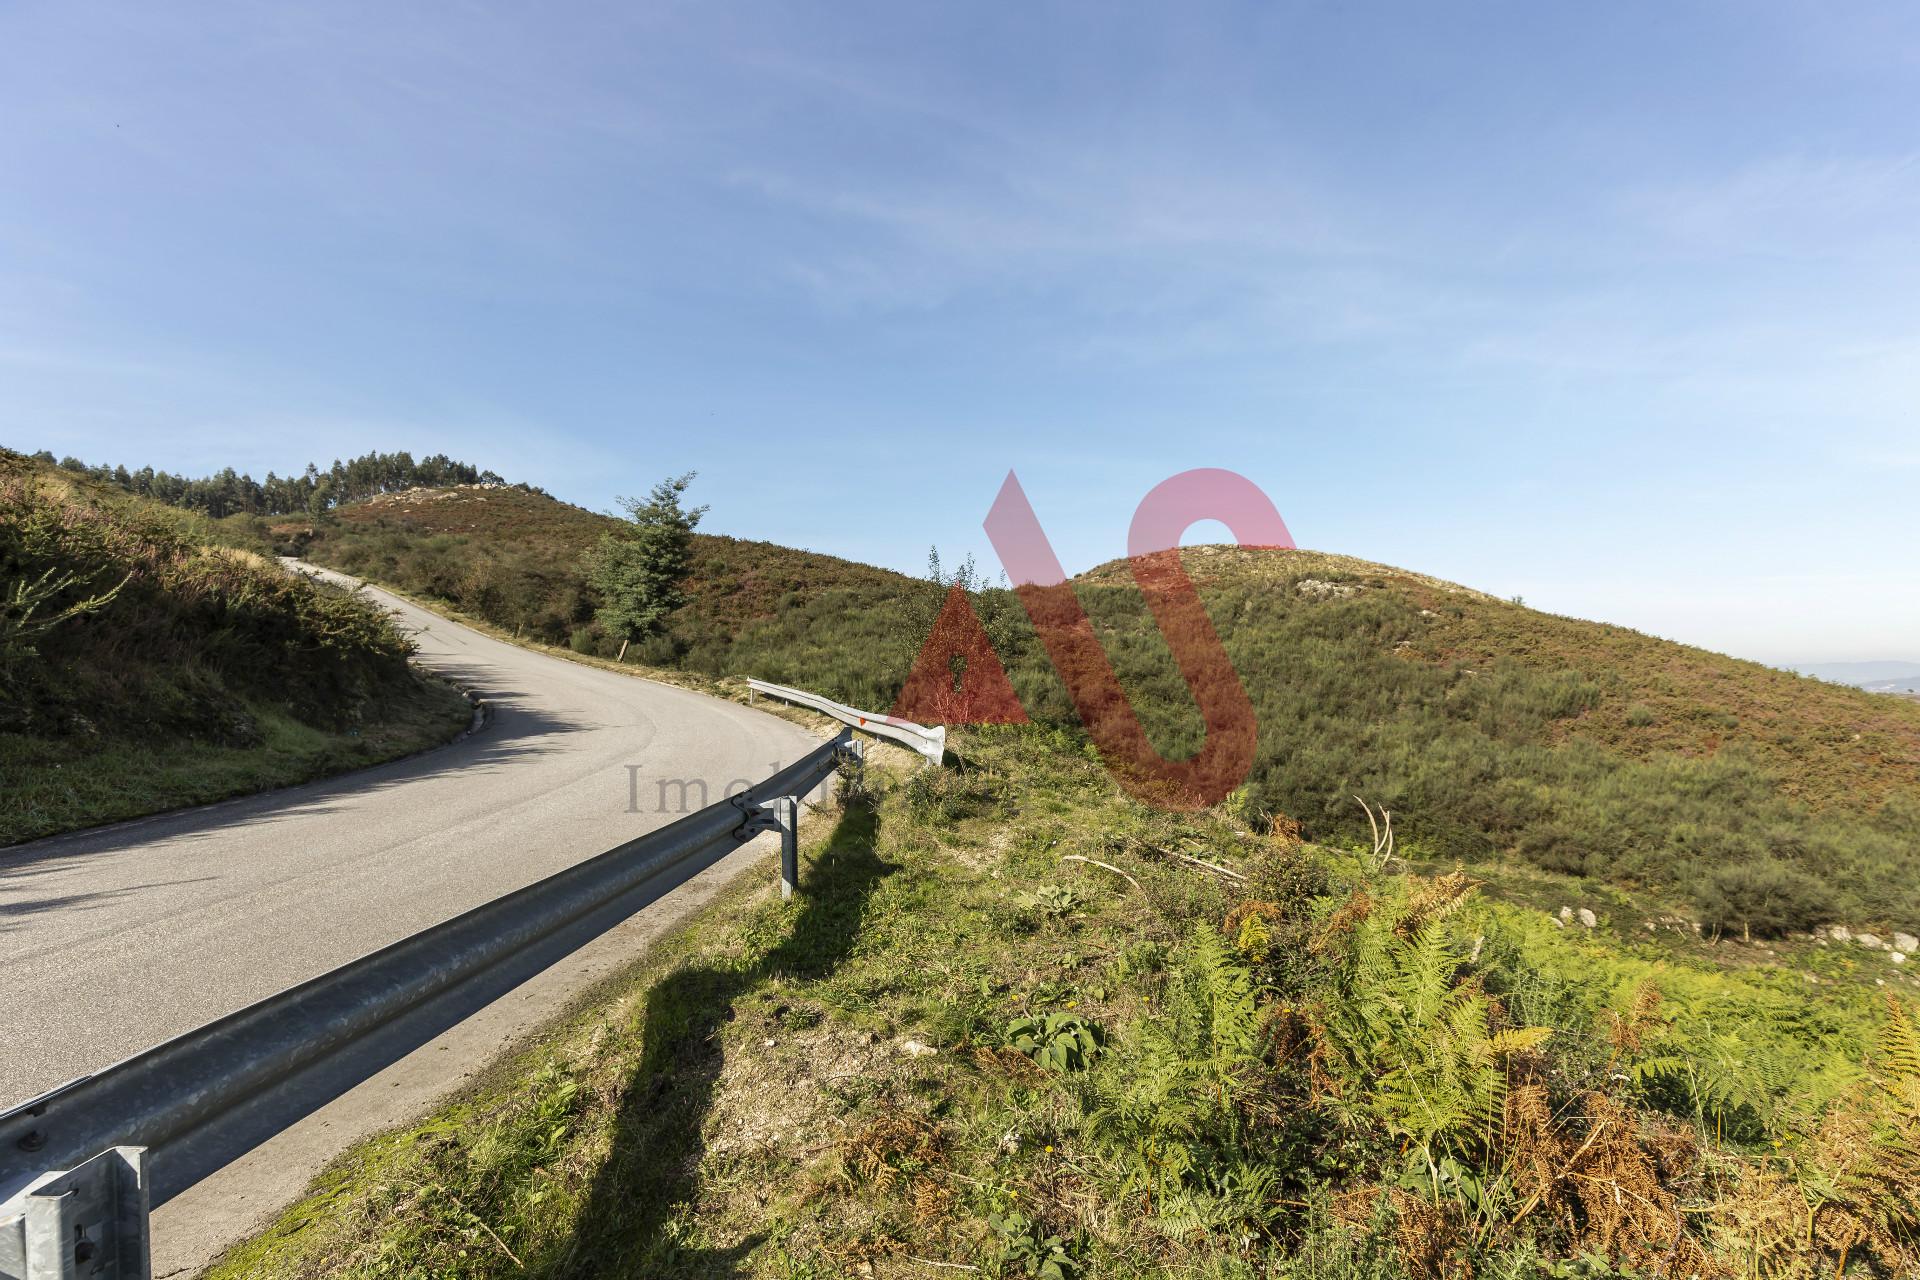 Terreno rústico com 150.000 m2 em Santa Eulália - Vizela